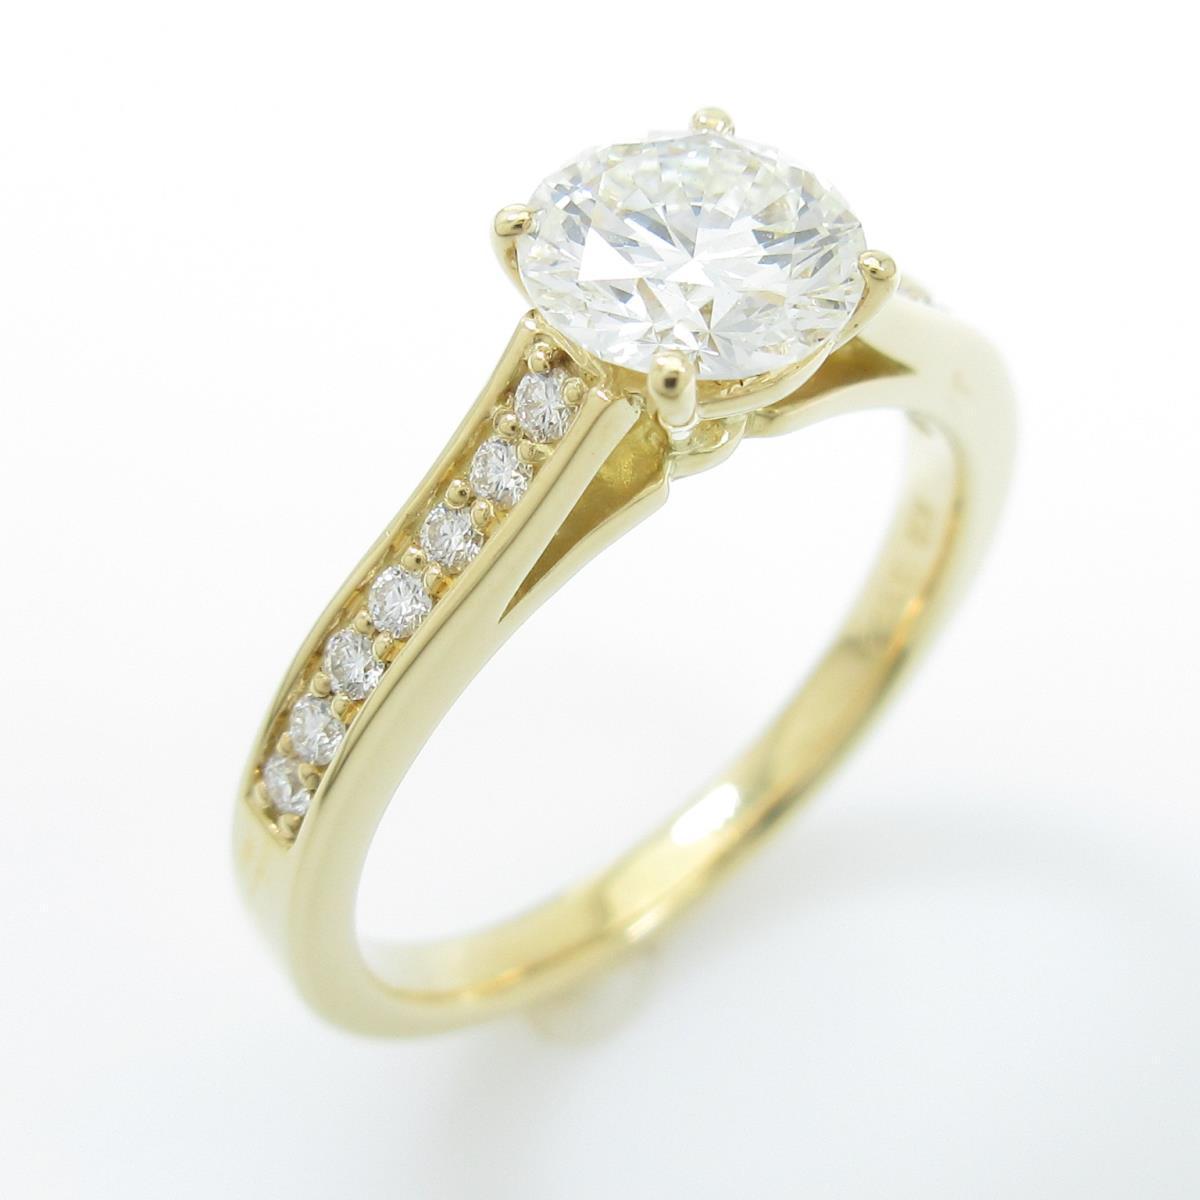 【リメイク】K18YG ダイヤモンドリング 0.803ct・I・VVS2・3EXT H&C【中古】